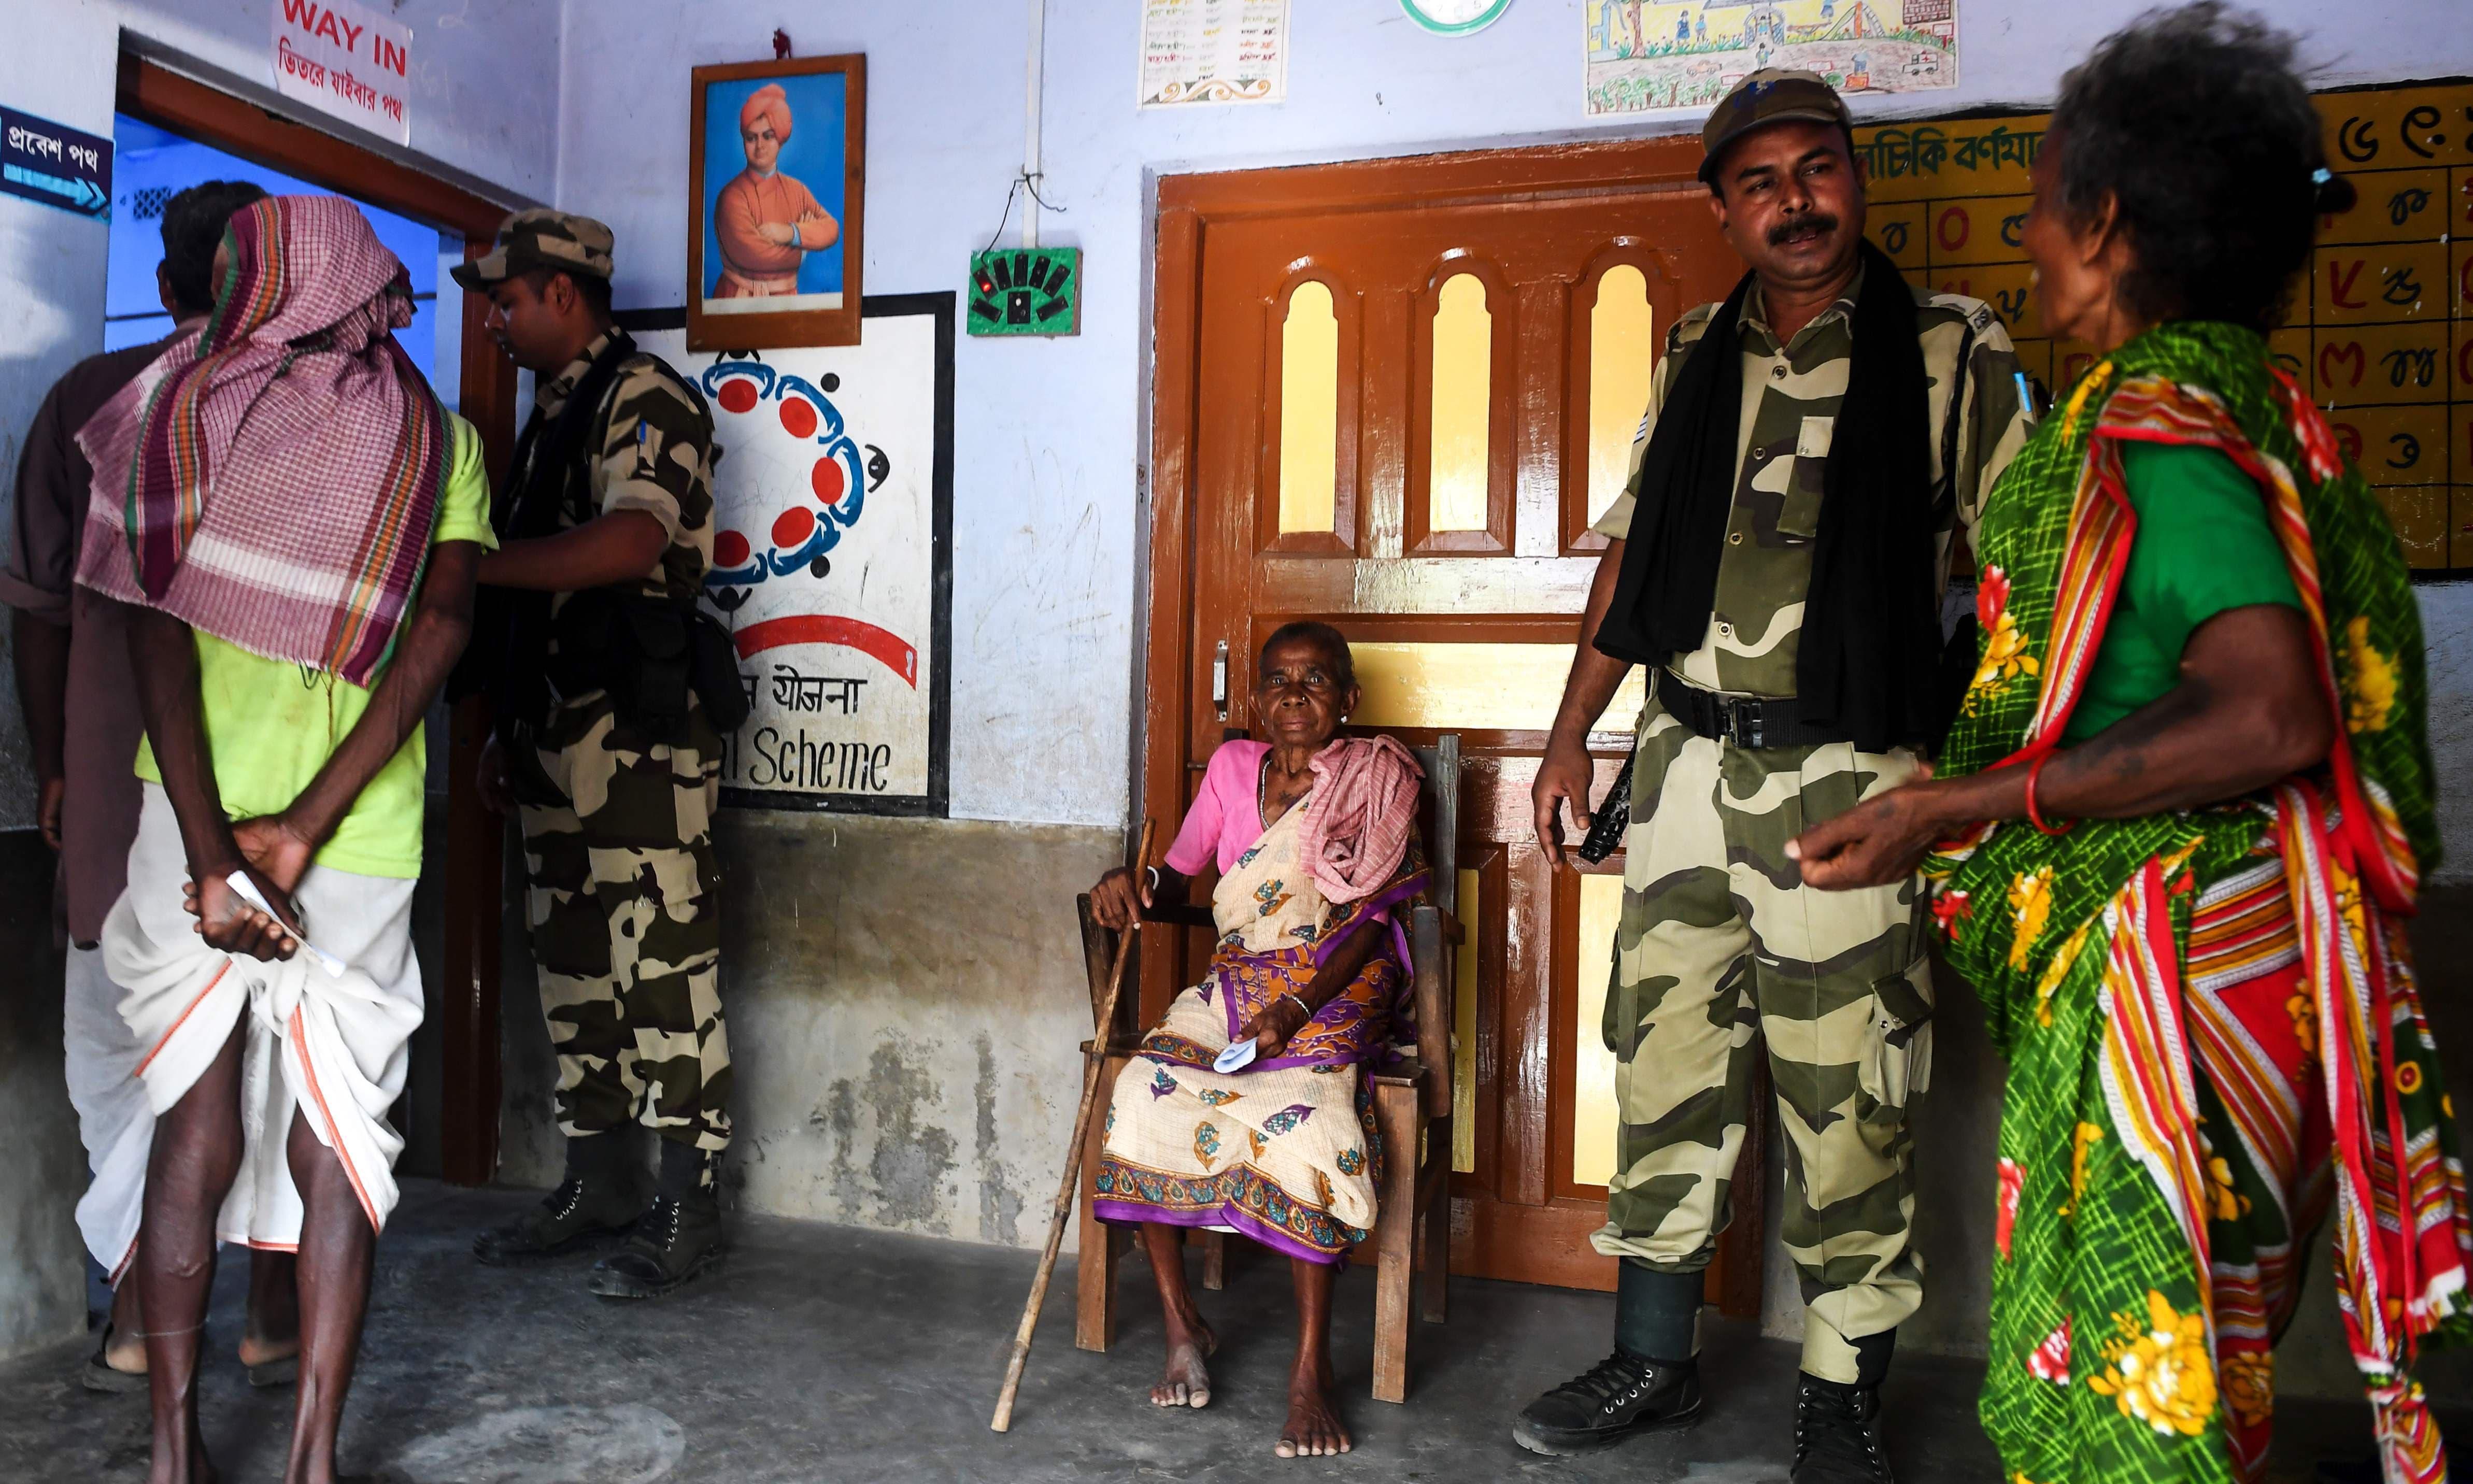 پولنگ اسٹیشنز میں سیکیورٹی کے سخت انتظامات نظر آئے —فوٹو/ اے ایف پی